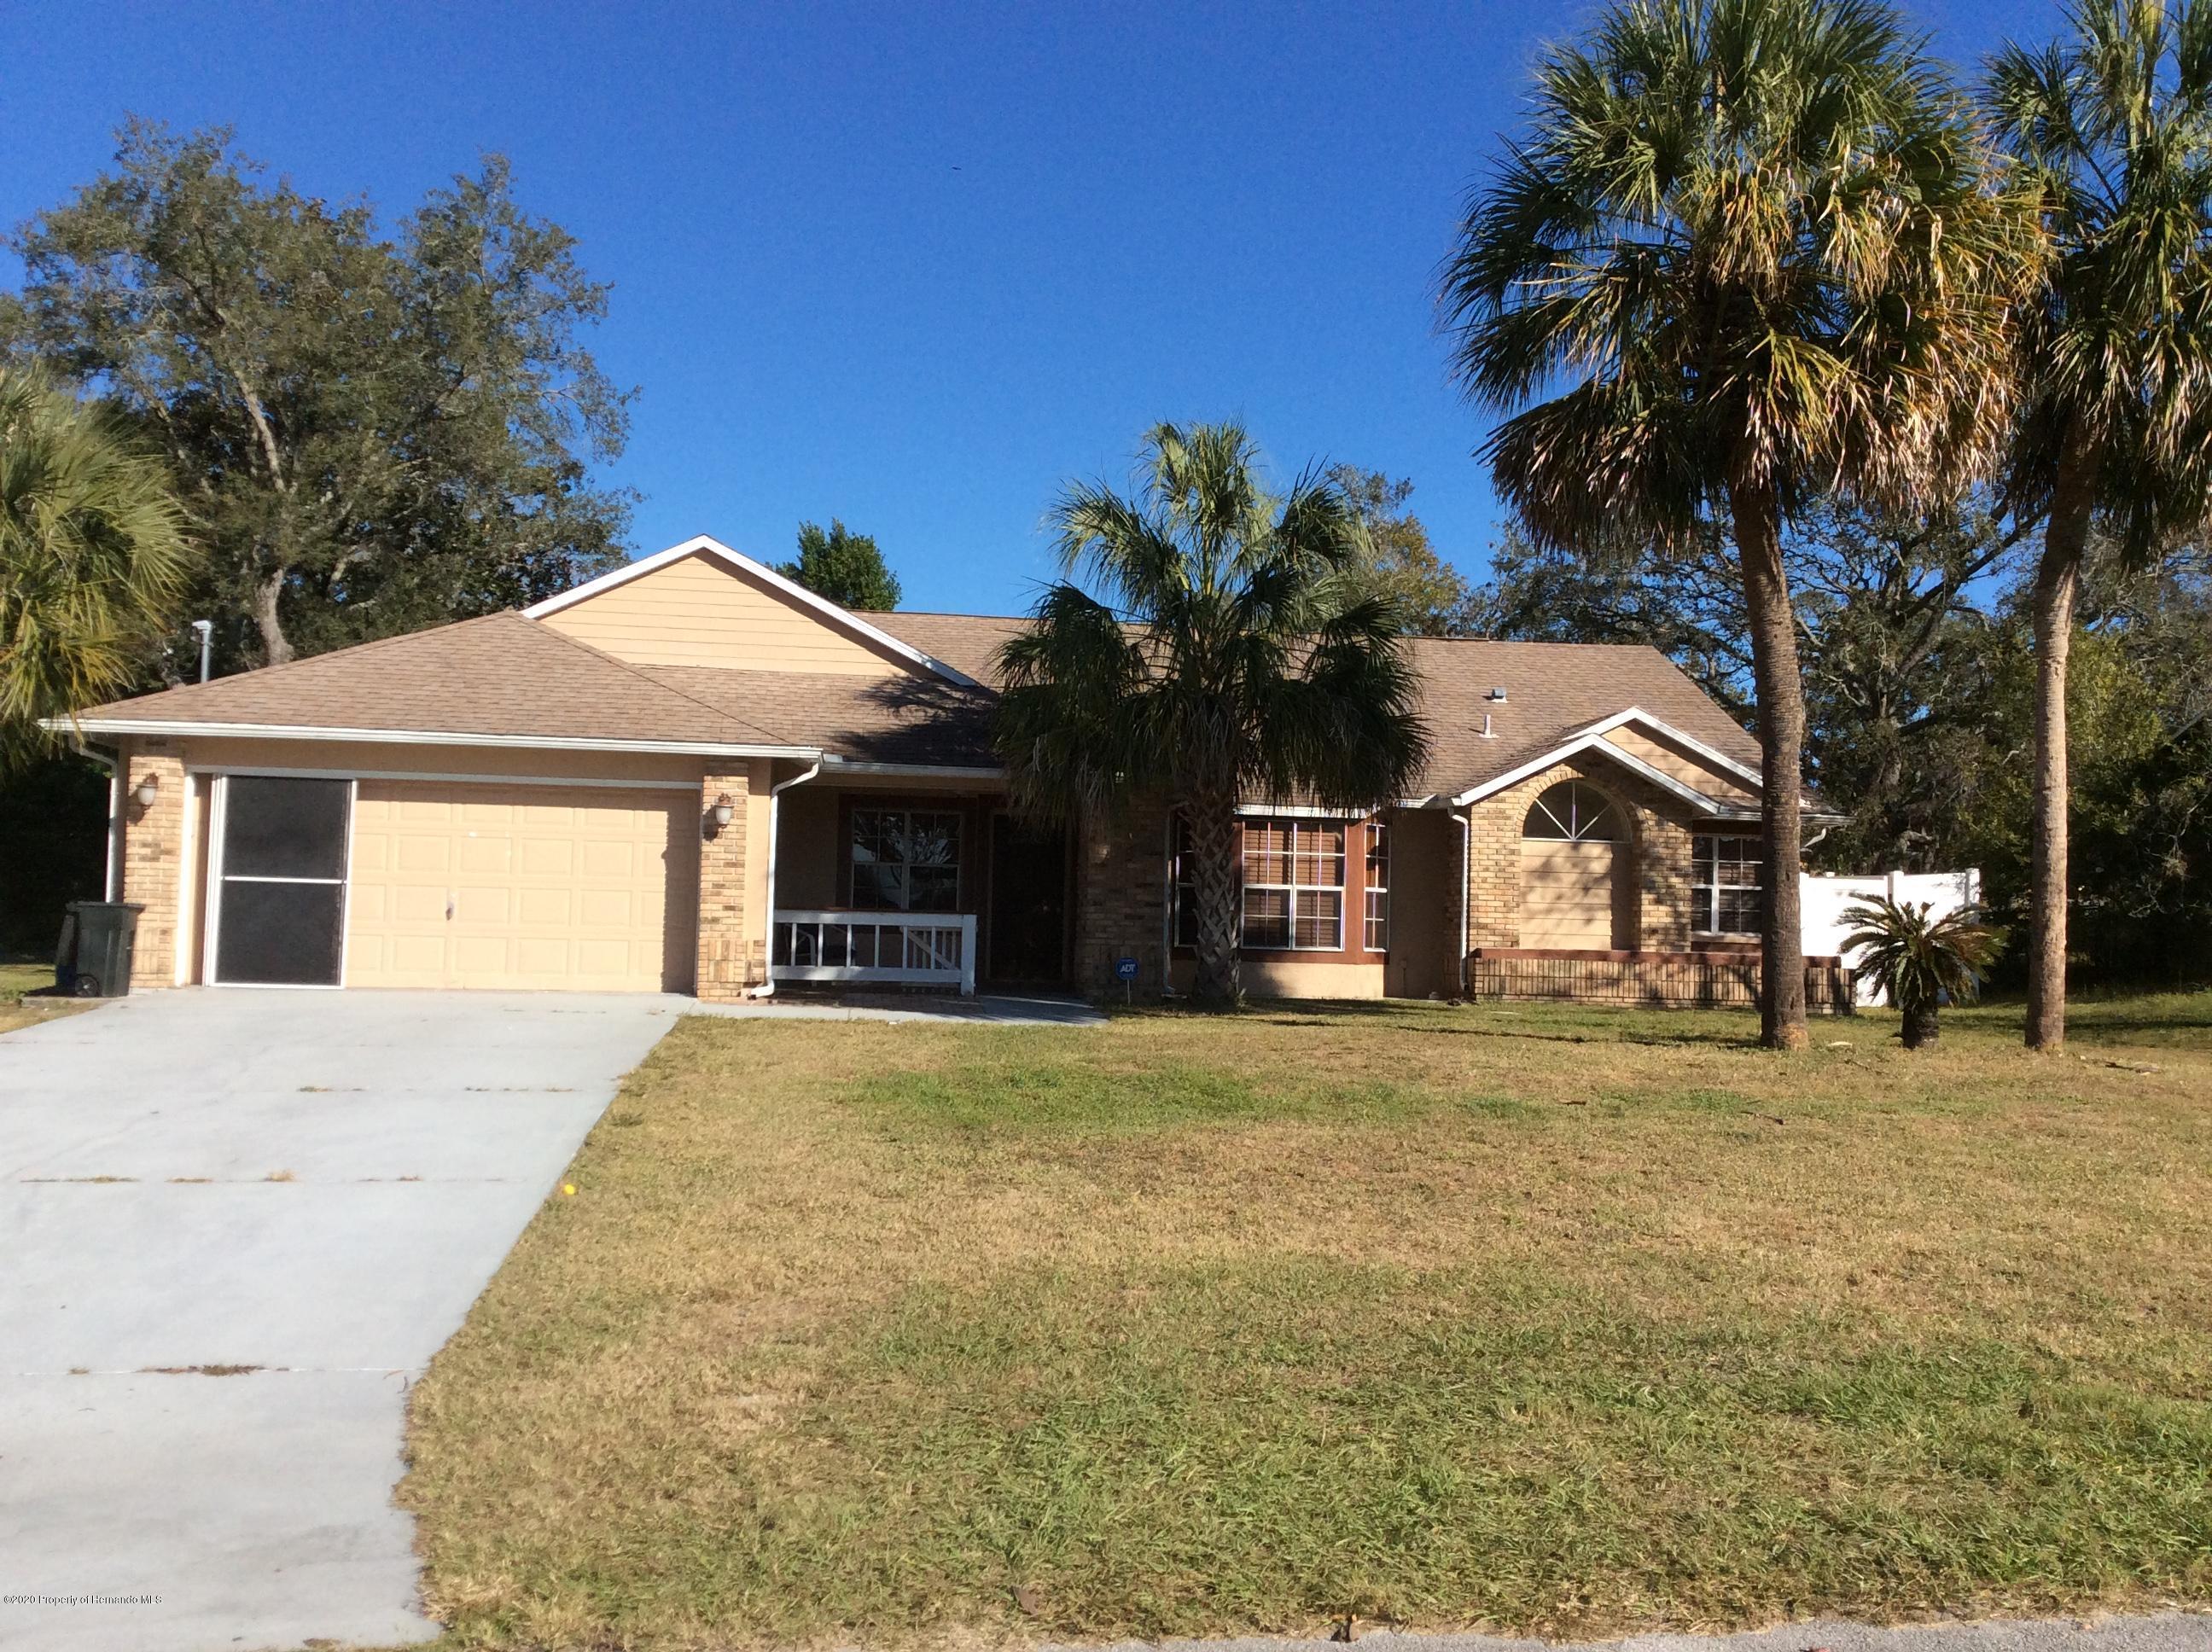 Details for 3363 Gretna Drive, Spring Hill, FL 34609